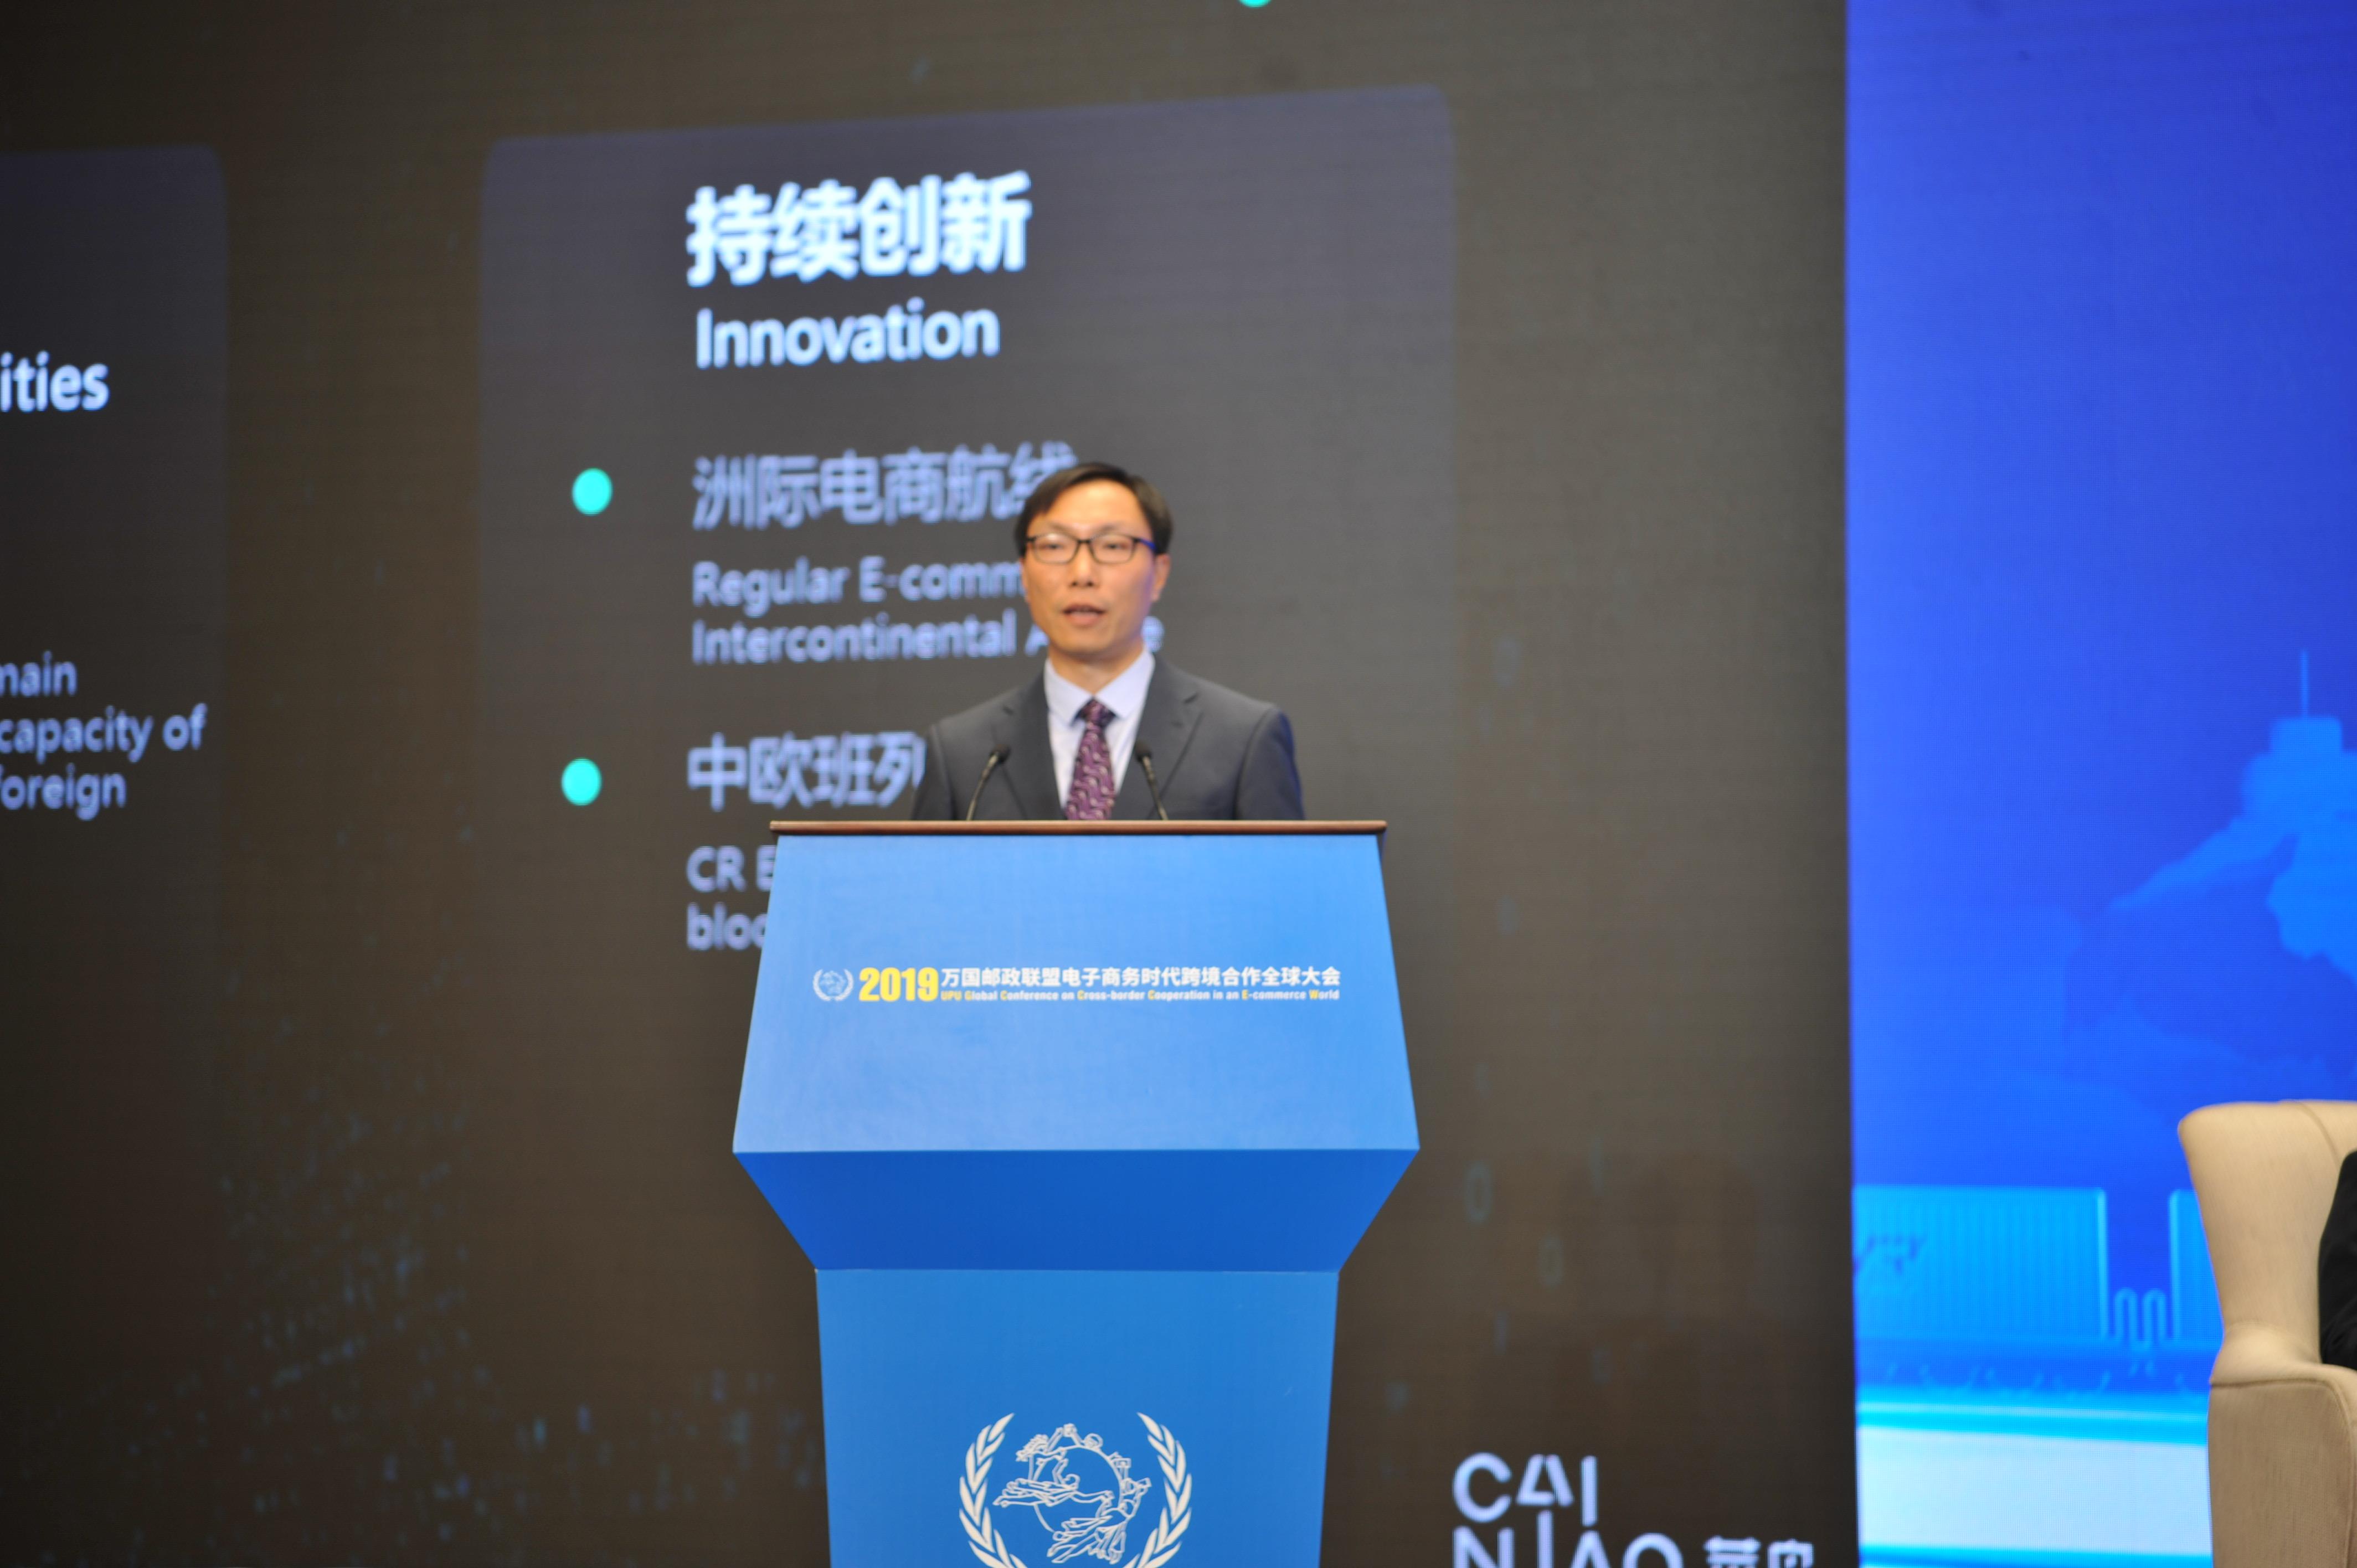 菜鸟总裁万霖:菜鸟平台处理6成中国跨境包裹,成全球物流网络重要一极